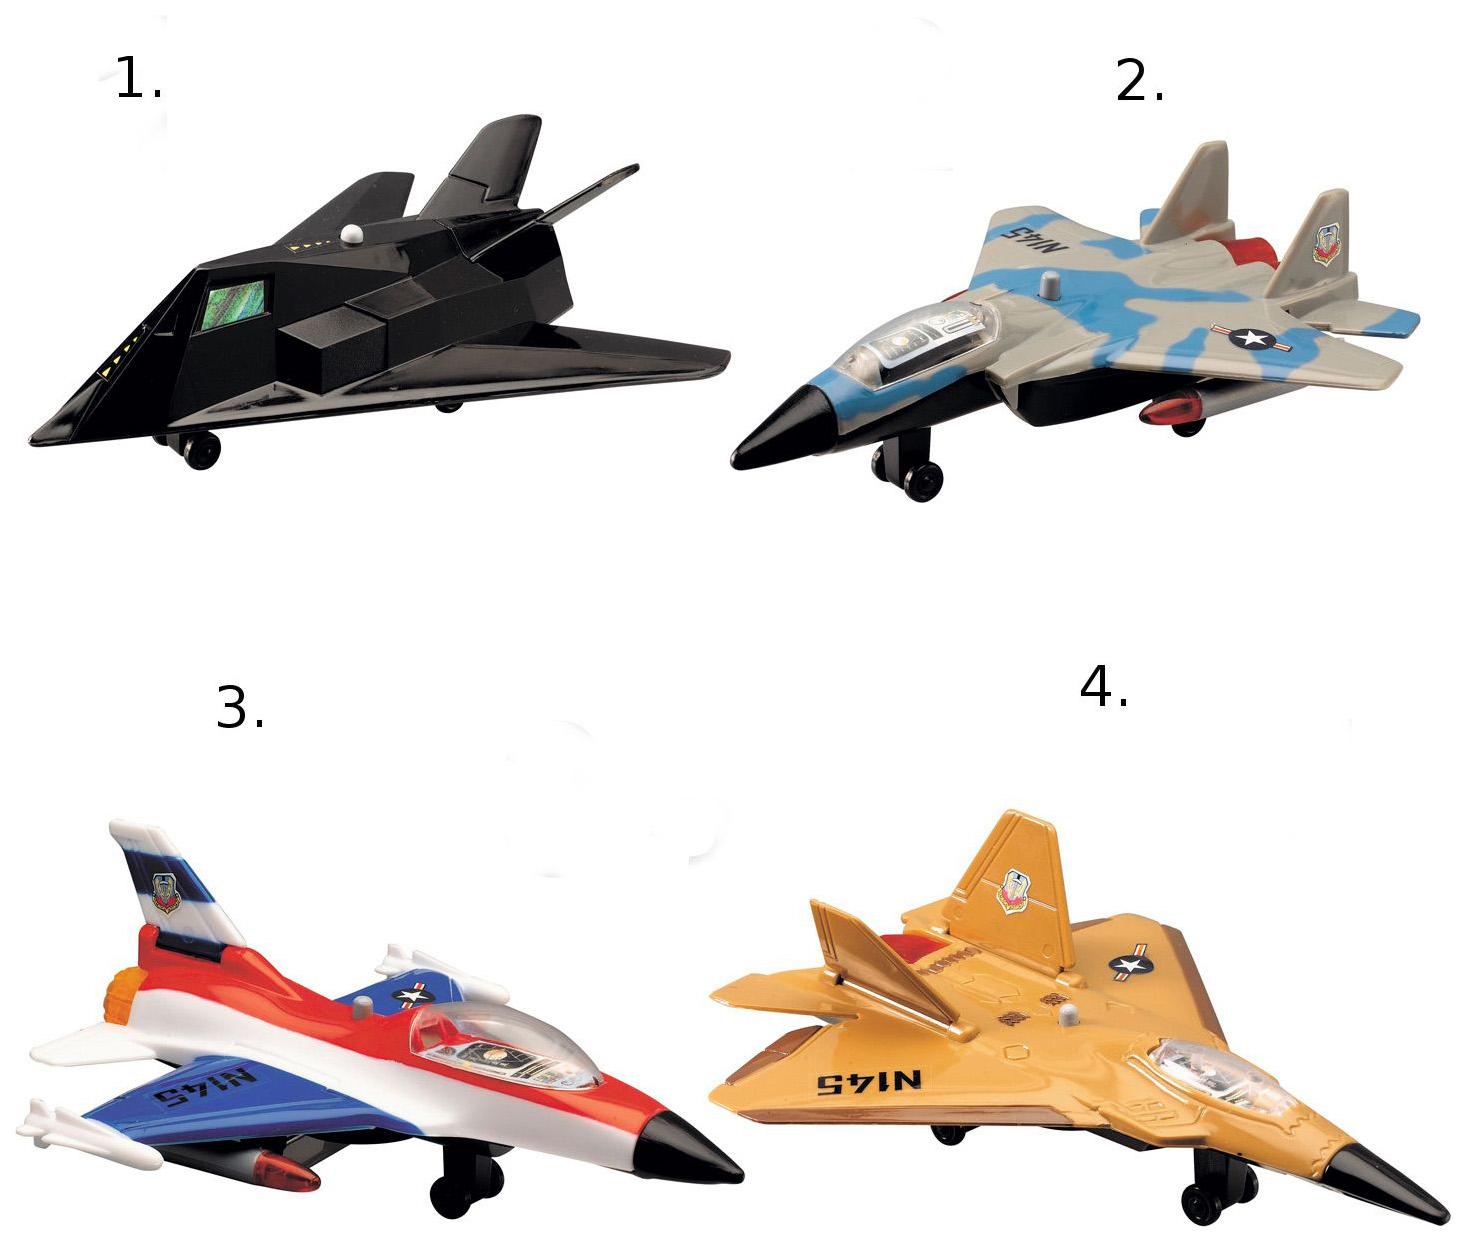 Купить Игрушка Dickie Toys toys Истребитель 3342007, Воздушный транспорт